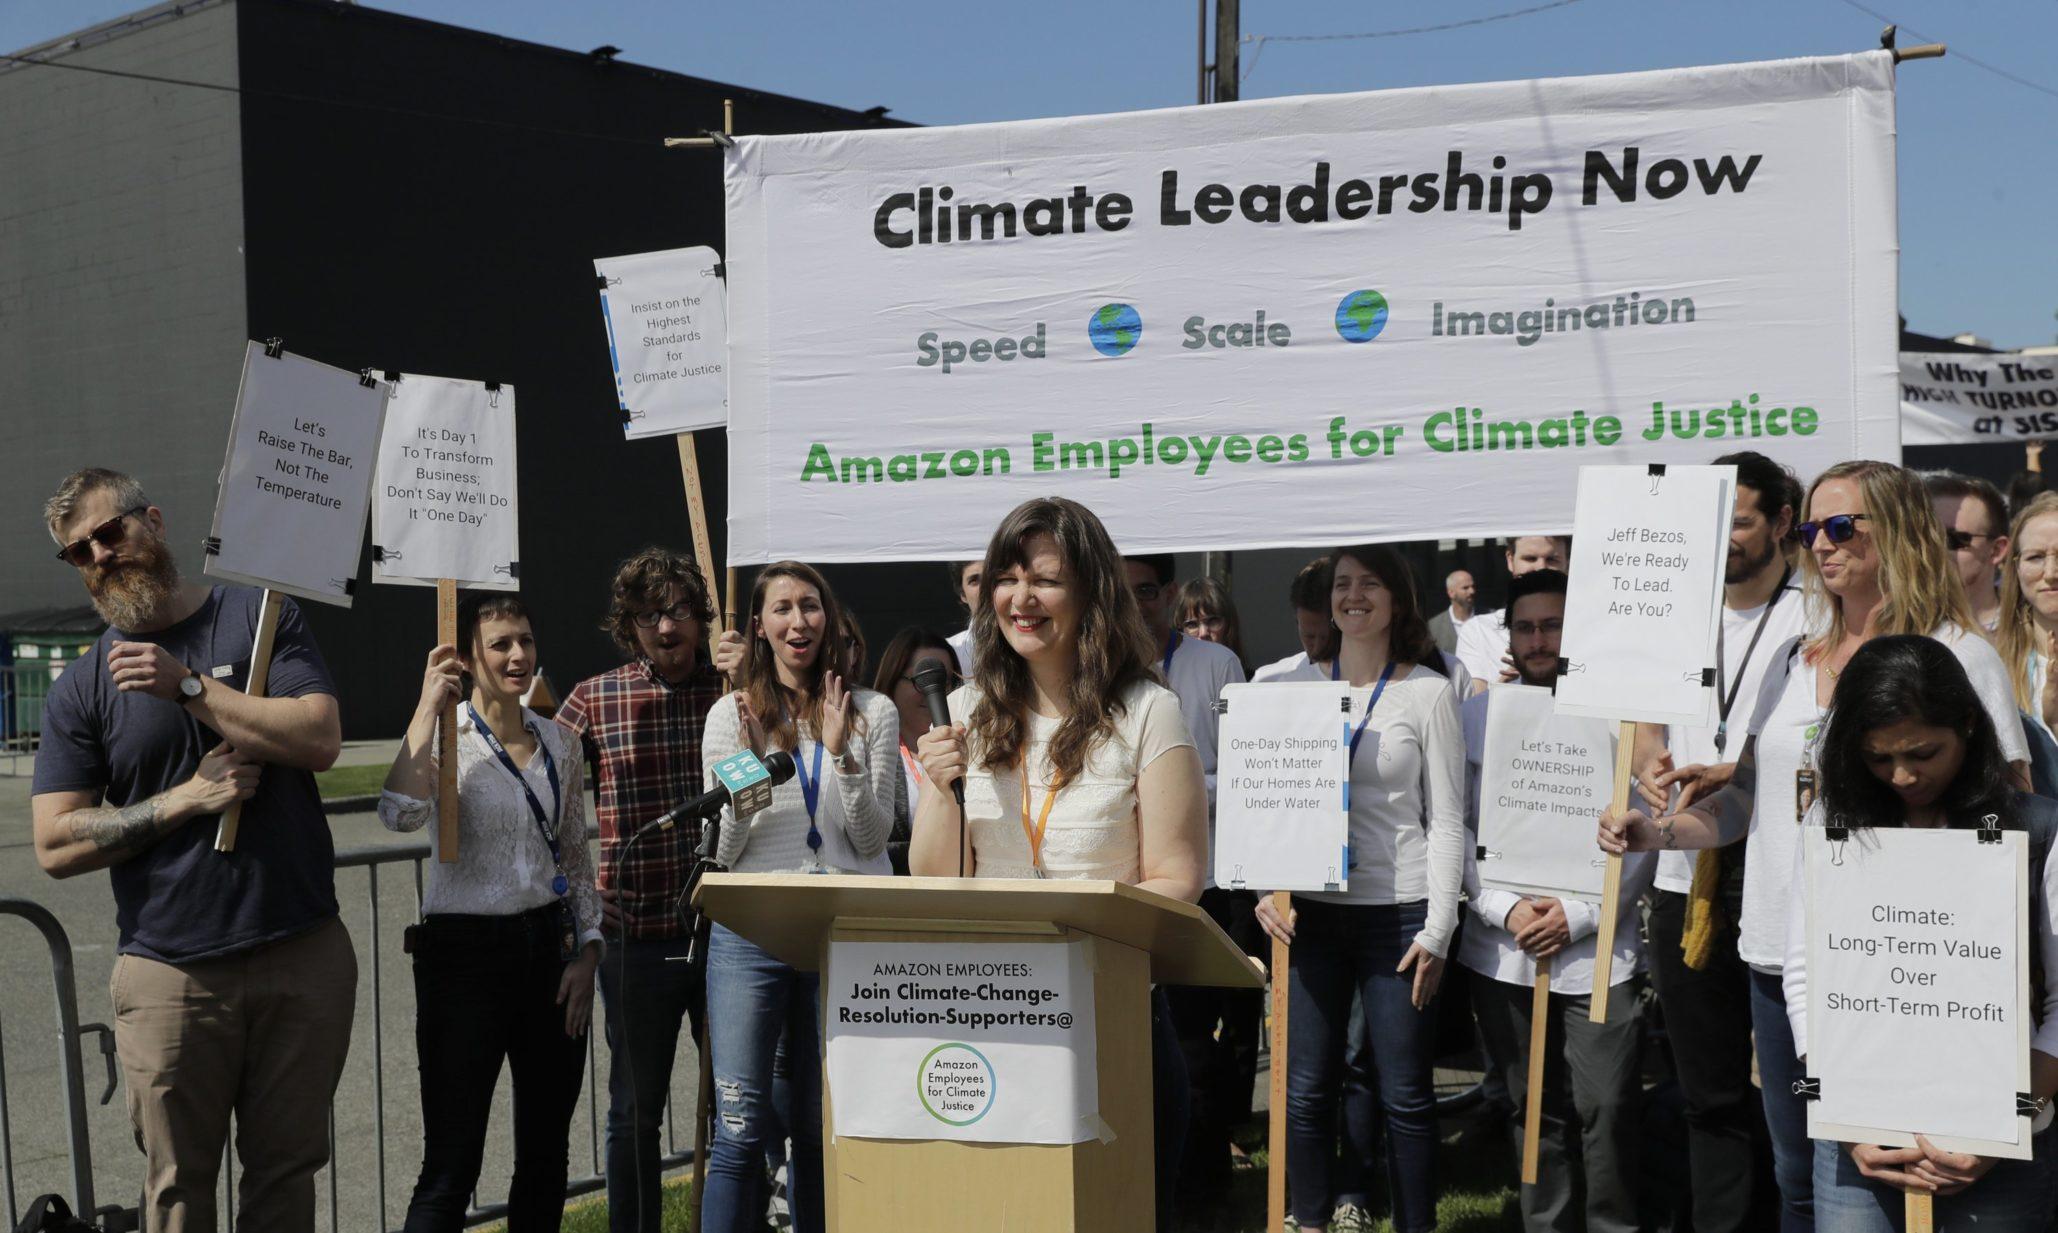 Amazon : des actionnaires qui font la sourde oreille sur les enjeux environnementaux